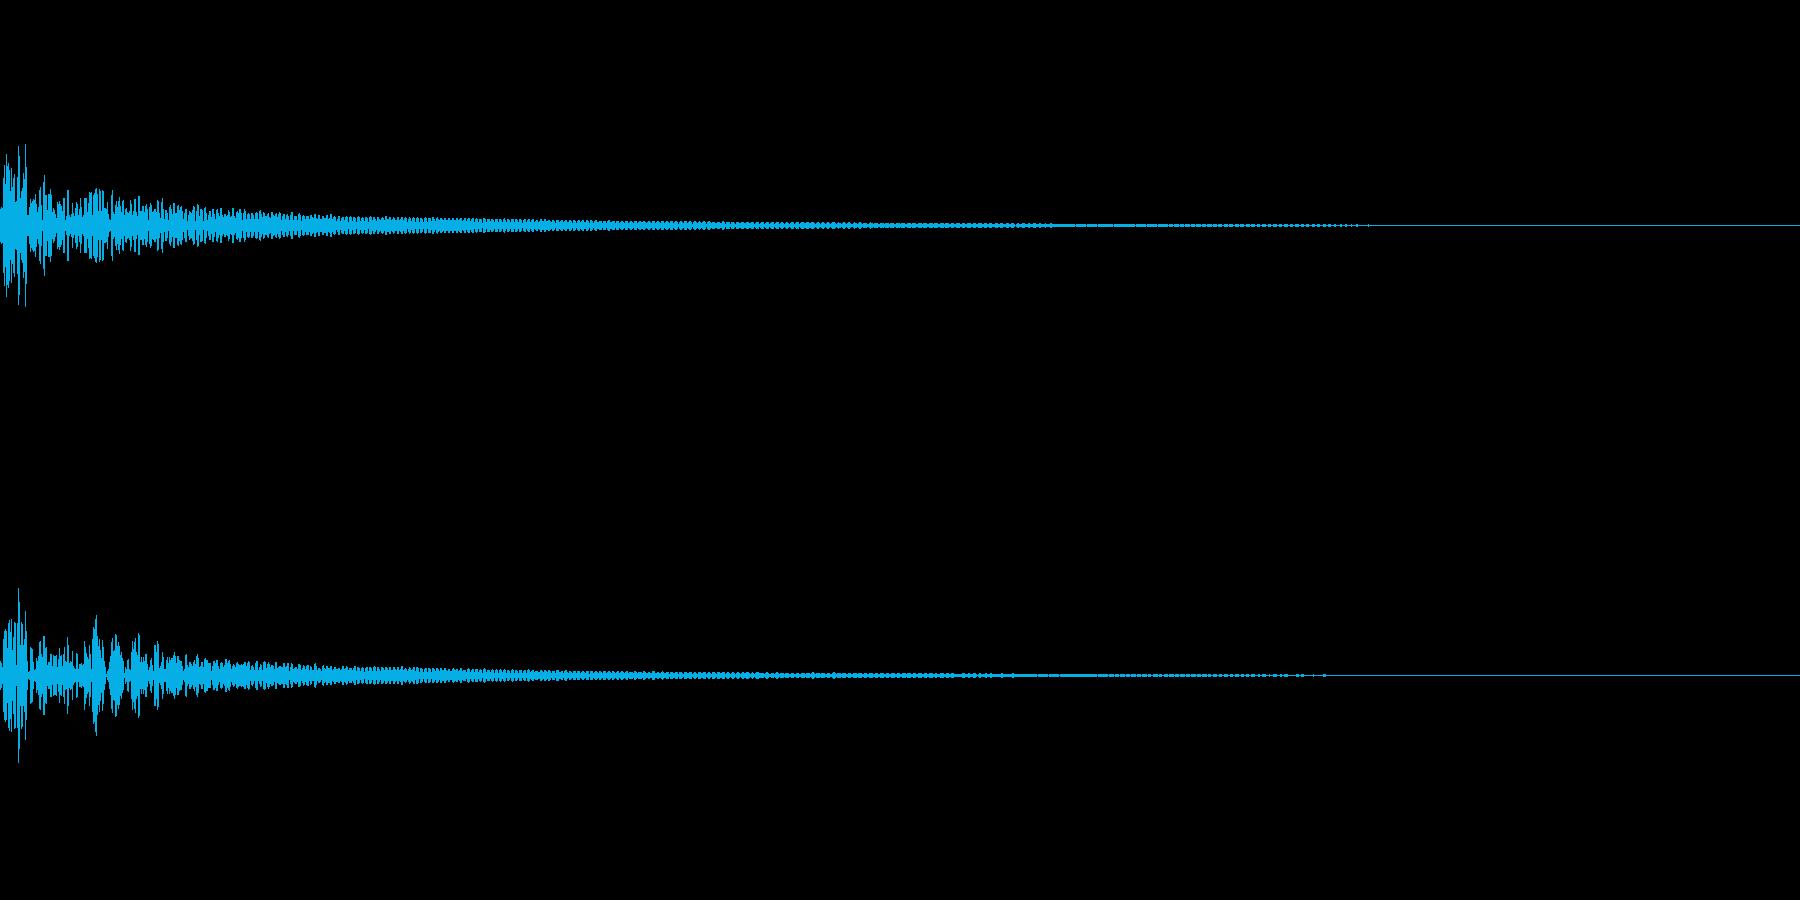 キャンセル 和風06の再生済みの波形